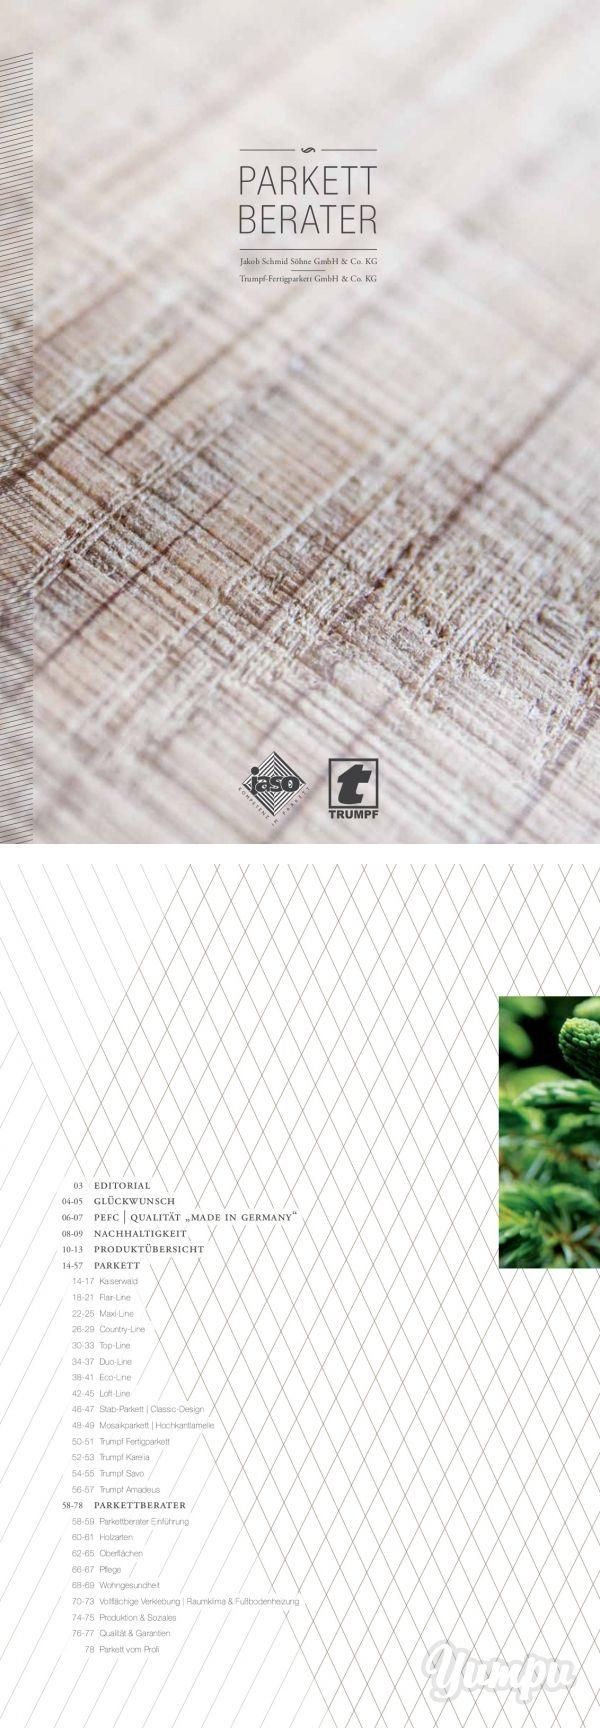 Jaso - digitaler Parkett Berater - In diesem Magazin erleben Sie den digitalen Parkett Berater zu den einzigartigen Parkettböden der Firma Jaso & Trumpf. Charakterstarke Böden perfekt in Szene gesetzt.